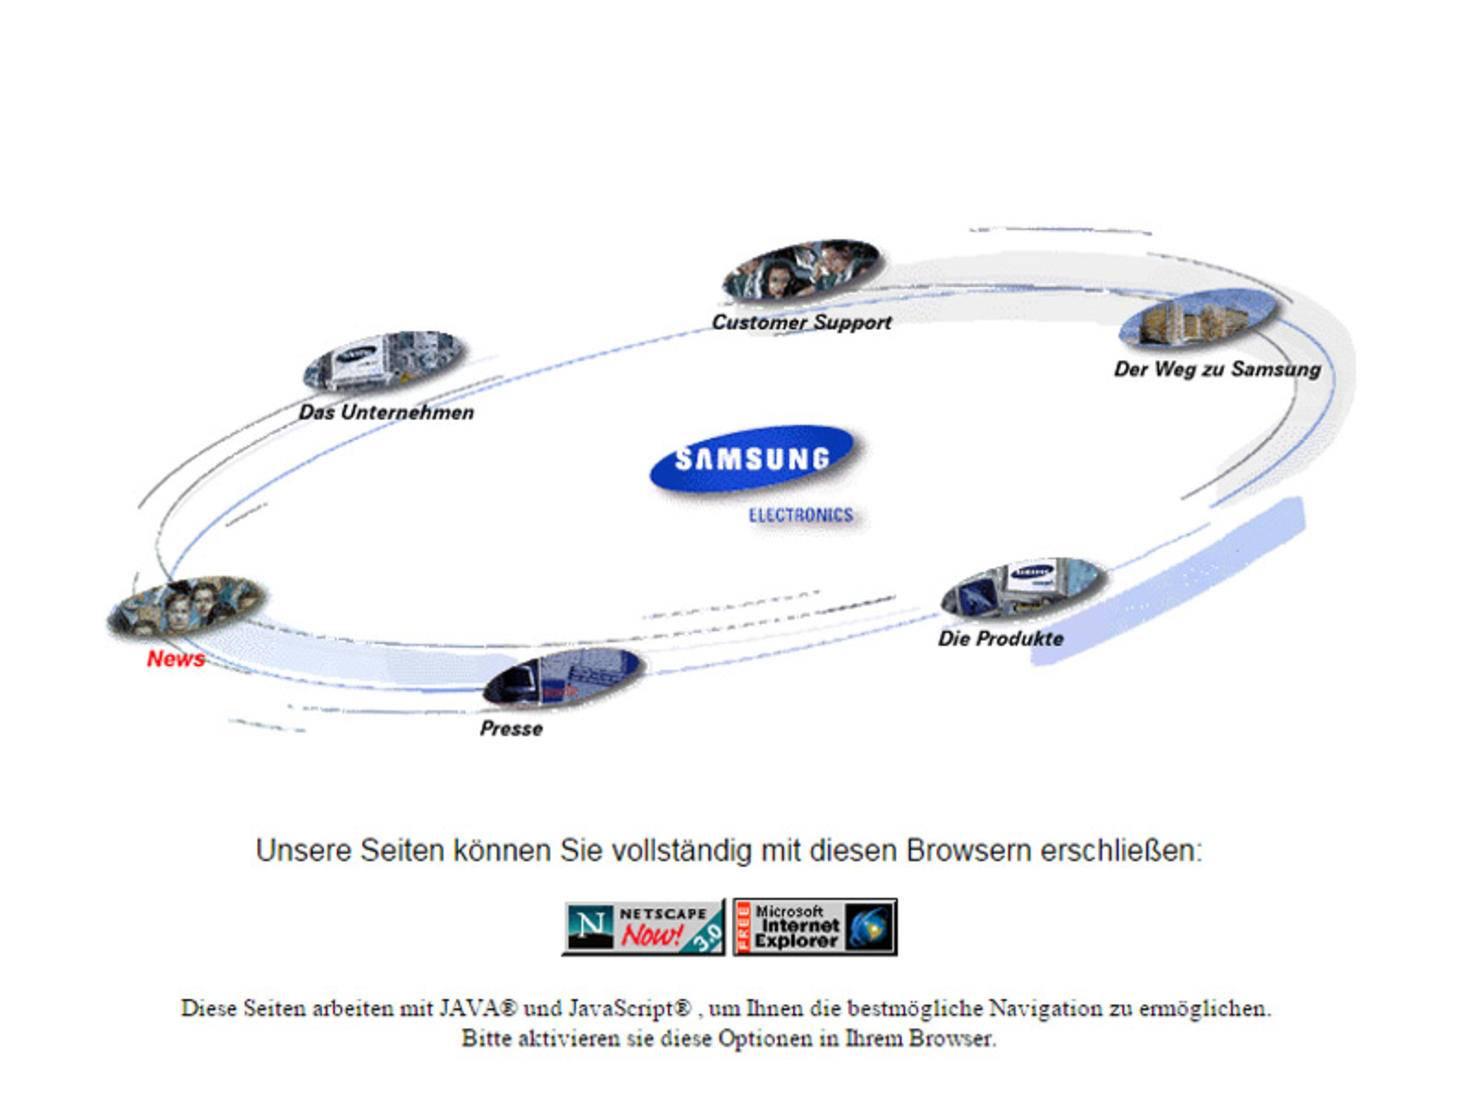 Schon 1998 zeigte sich Samsung relativ modern in puncto Optik.